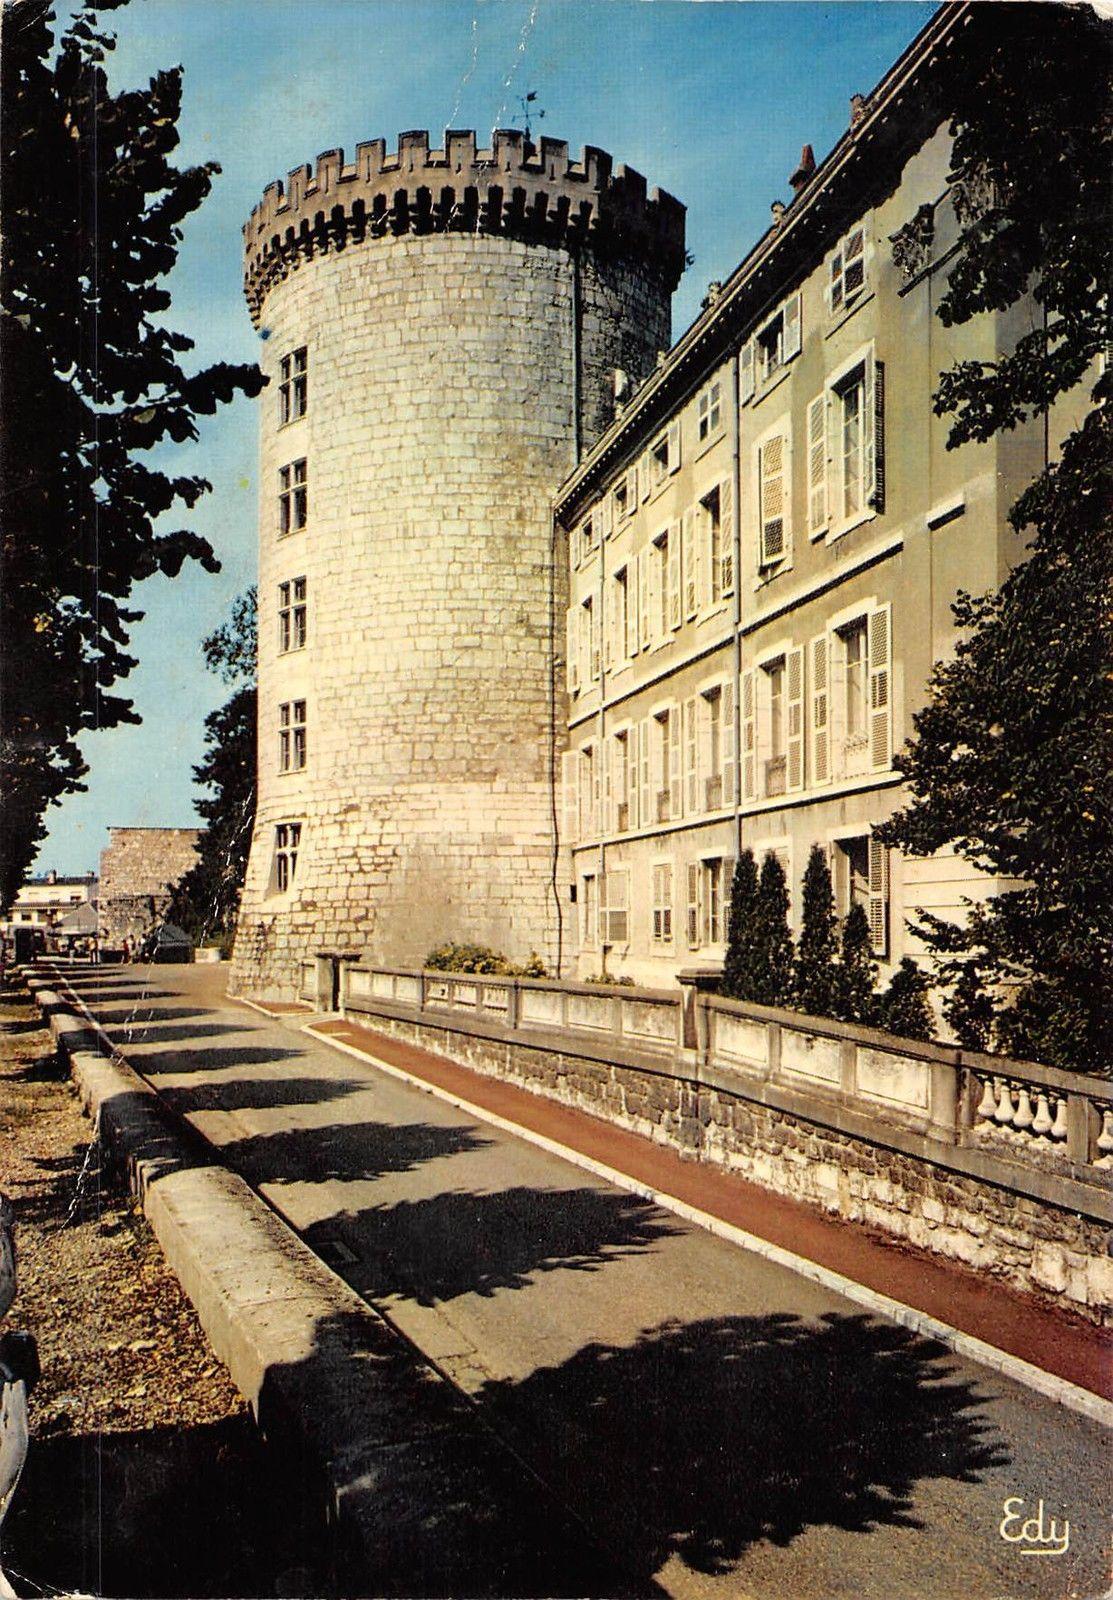 Chateau Des Ducs De Savoie : chateau, savoie, BT7580, Chambery, Chateau, Savoie, France, HipPostcard